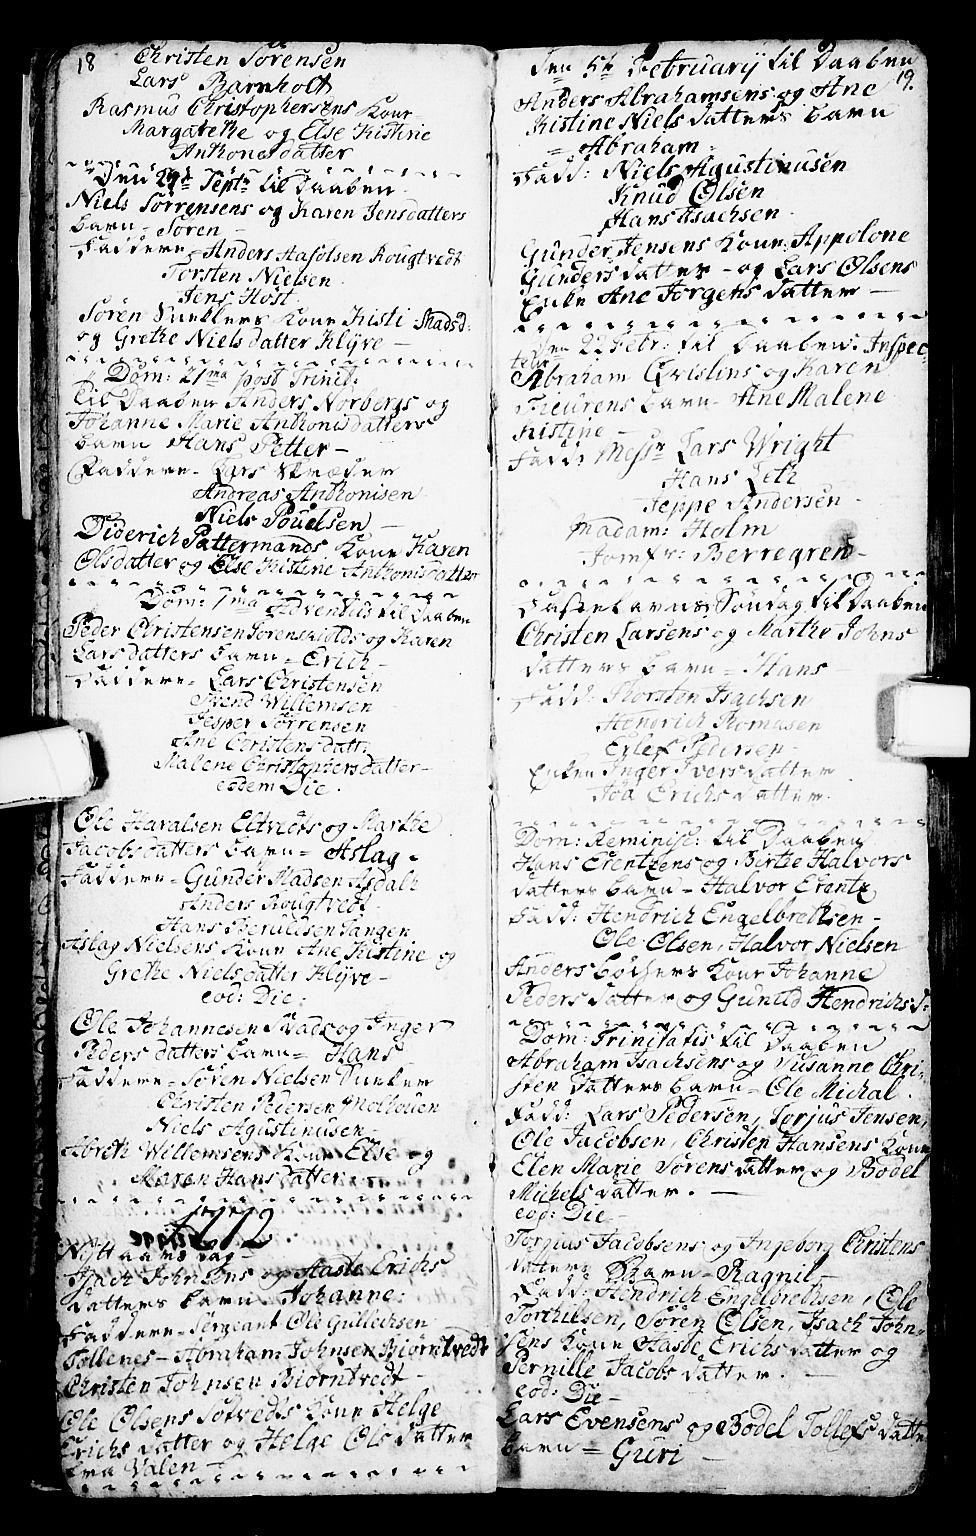 SAKO, Porsgrunn kirkebøker , G/Ga/L0001: Klokkerbok nr. I 1, 1766-1790, s. 18-19